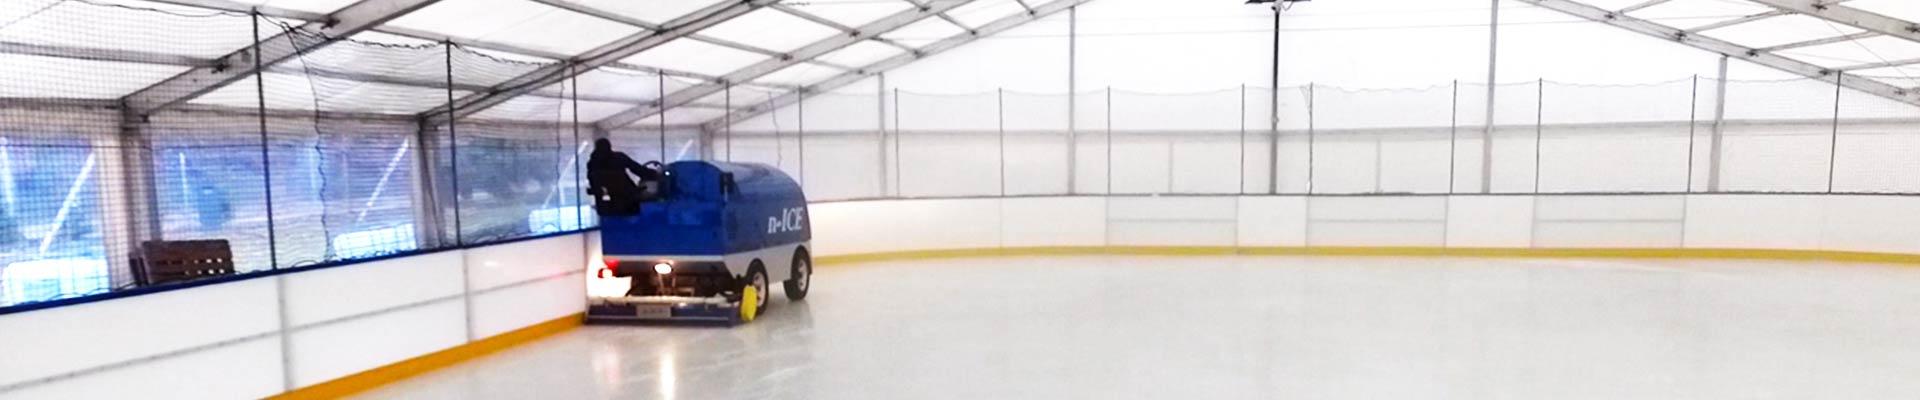 zadaszenia lodowisk